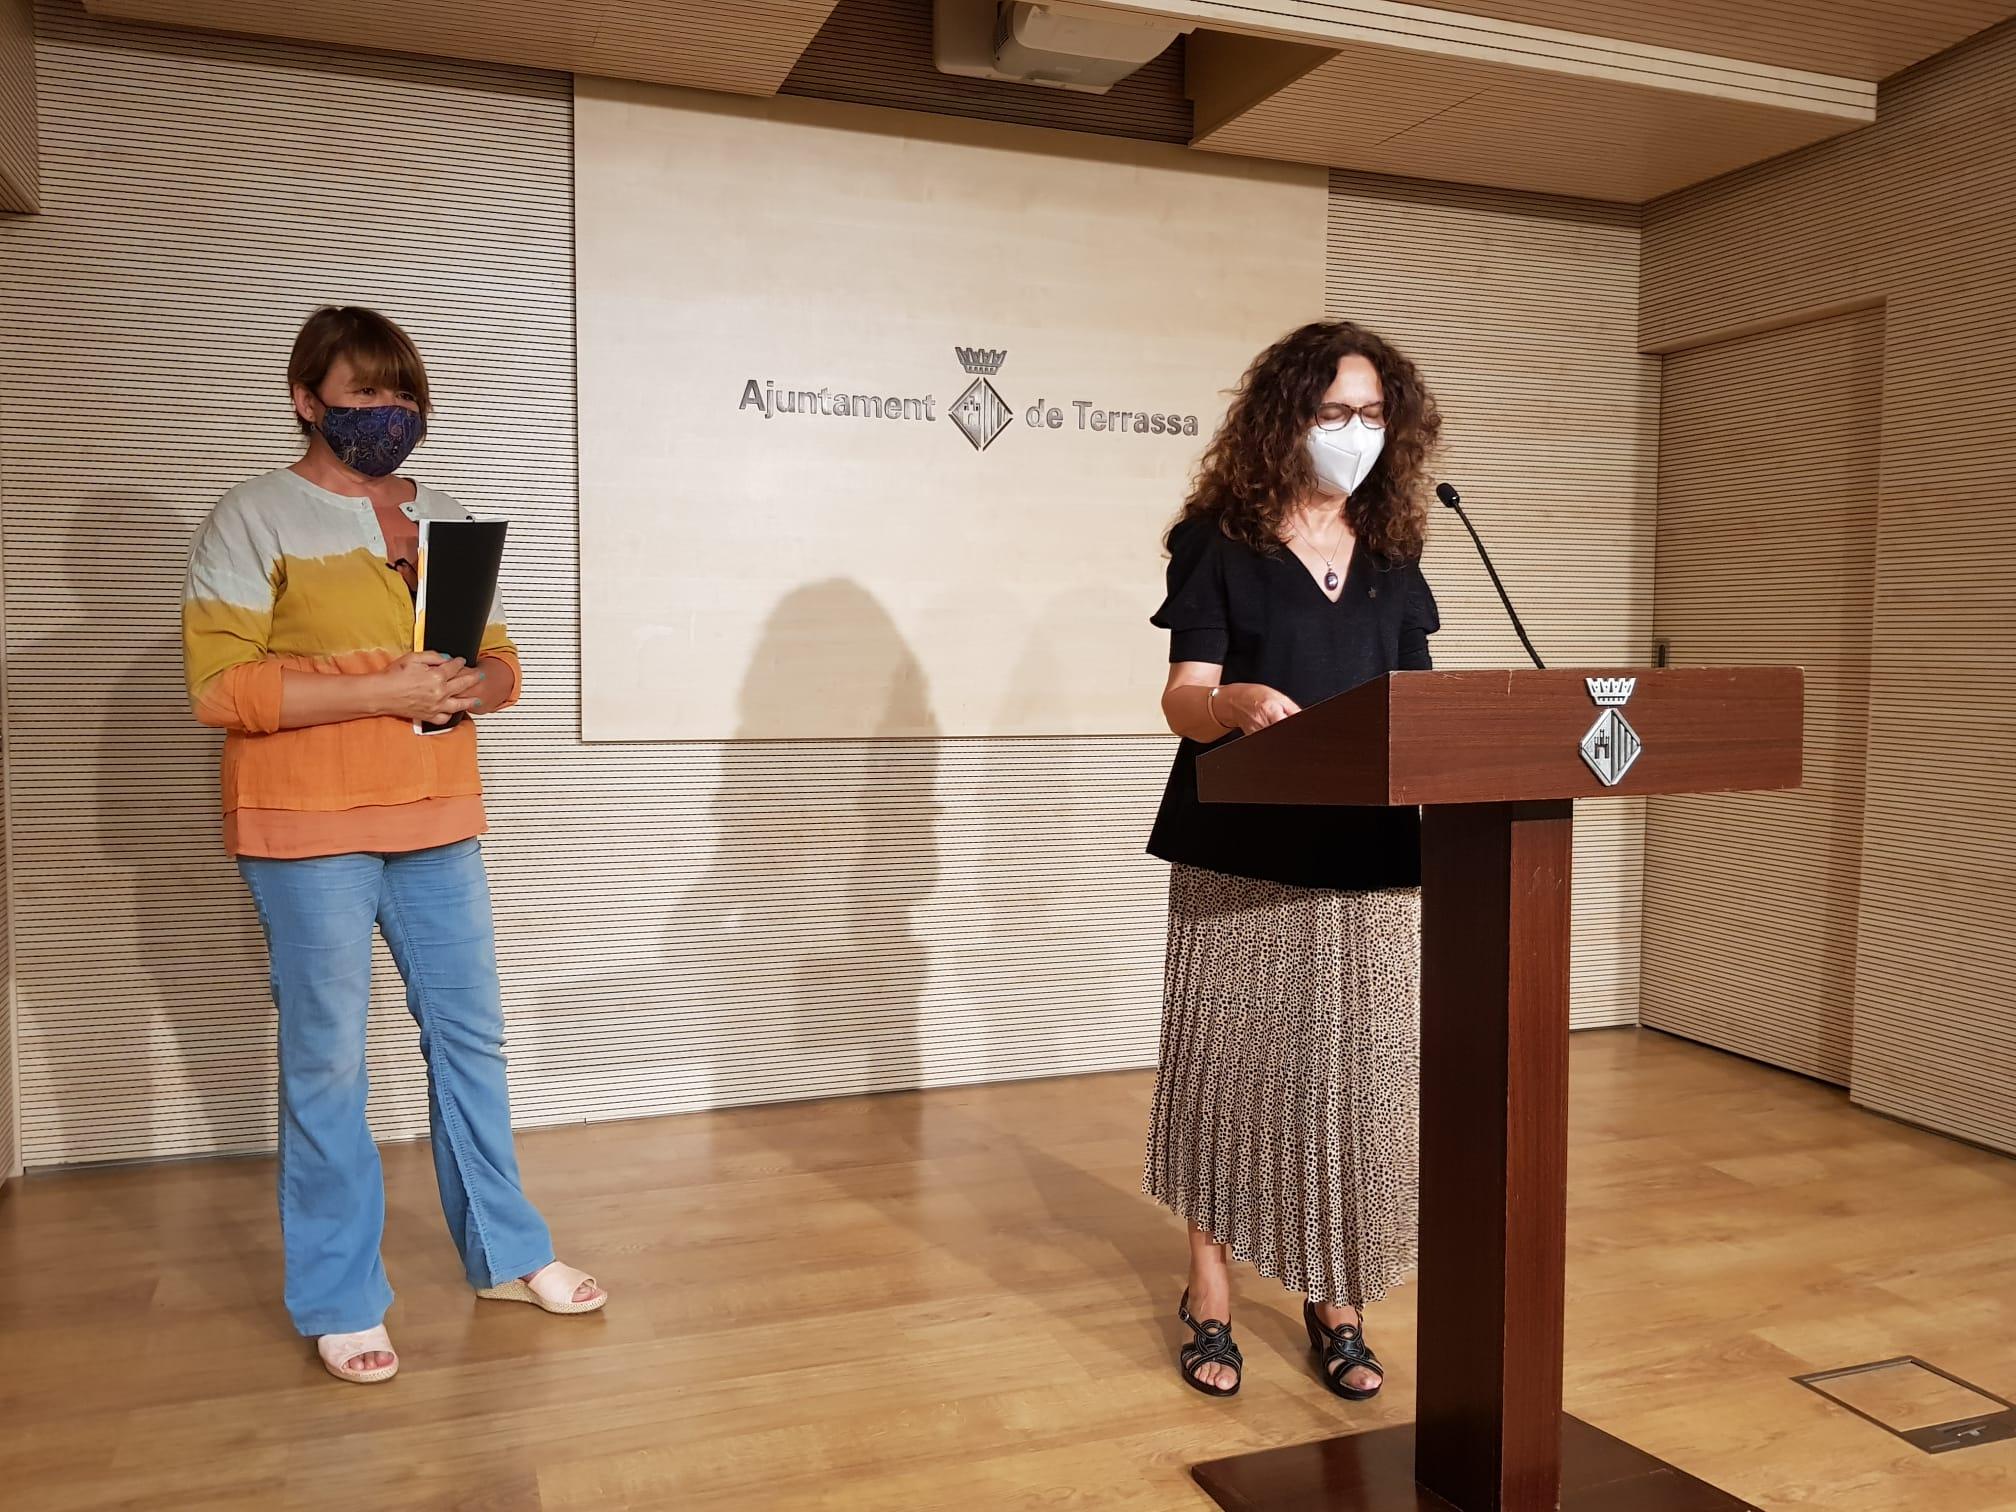 Les regidores Lluïsa Melgares i Teresa Ciurana en la presentació del dispositiu de tornada al col·legi  | Lluïsa Tarrida